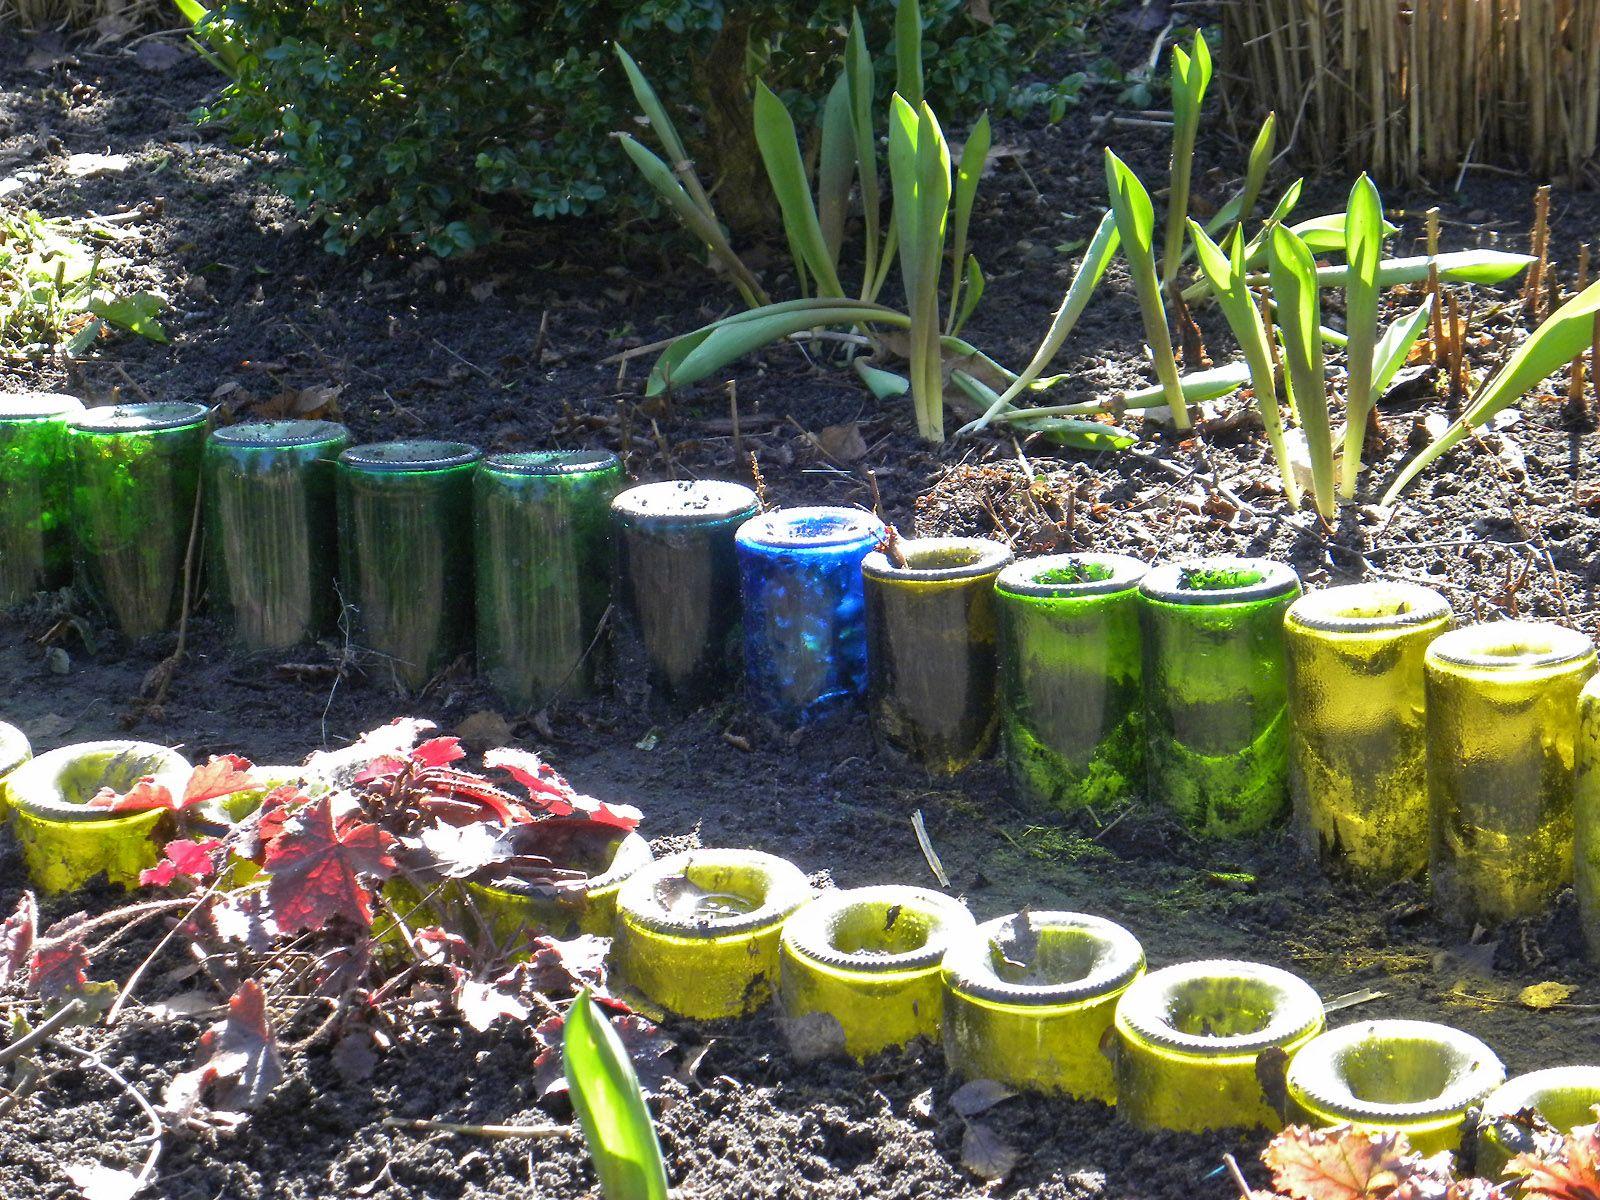 Beetkanten aus weinflaschen gartenplanung gartenberatung in hamburg - Gartenplanung hamburg ...